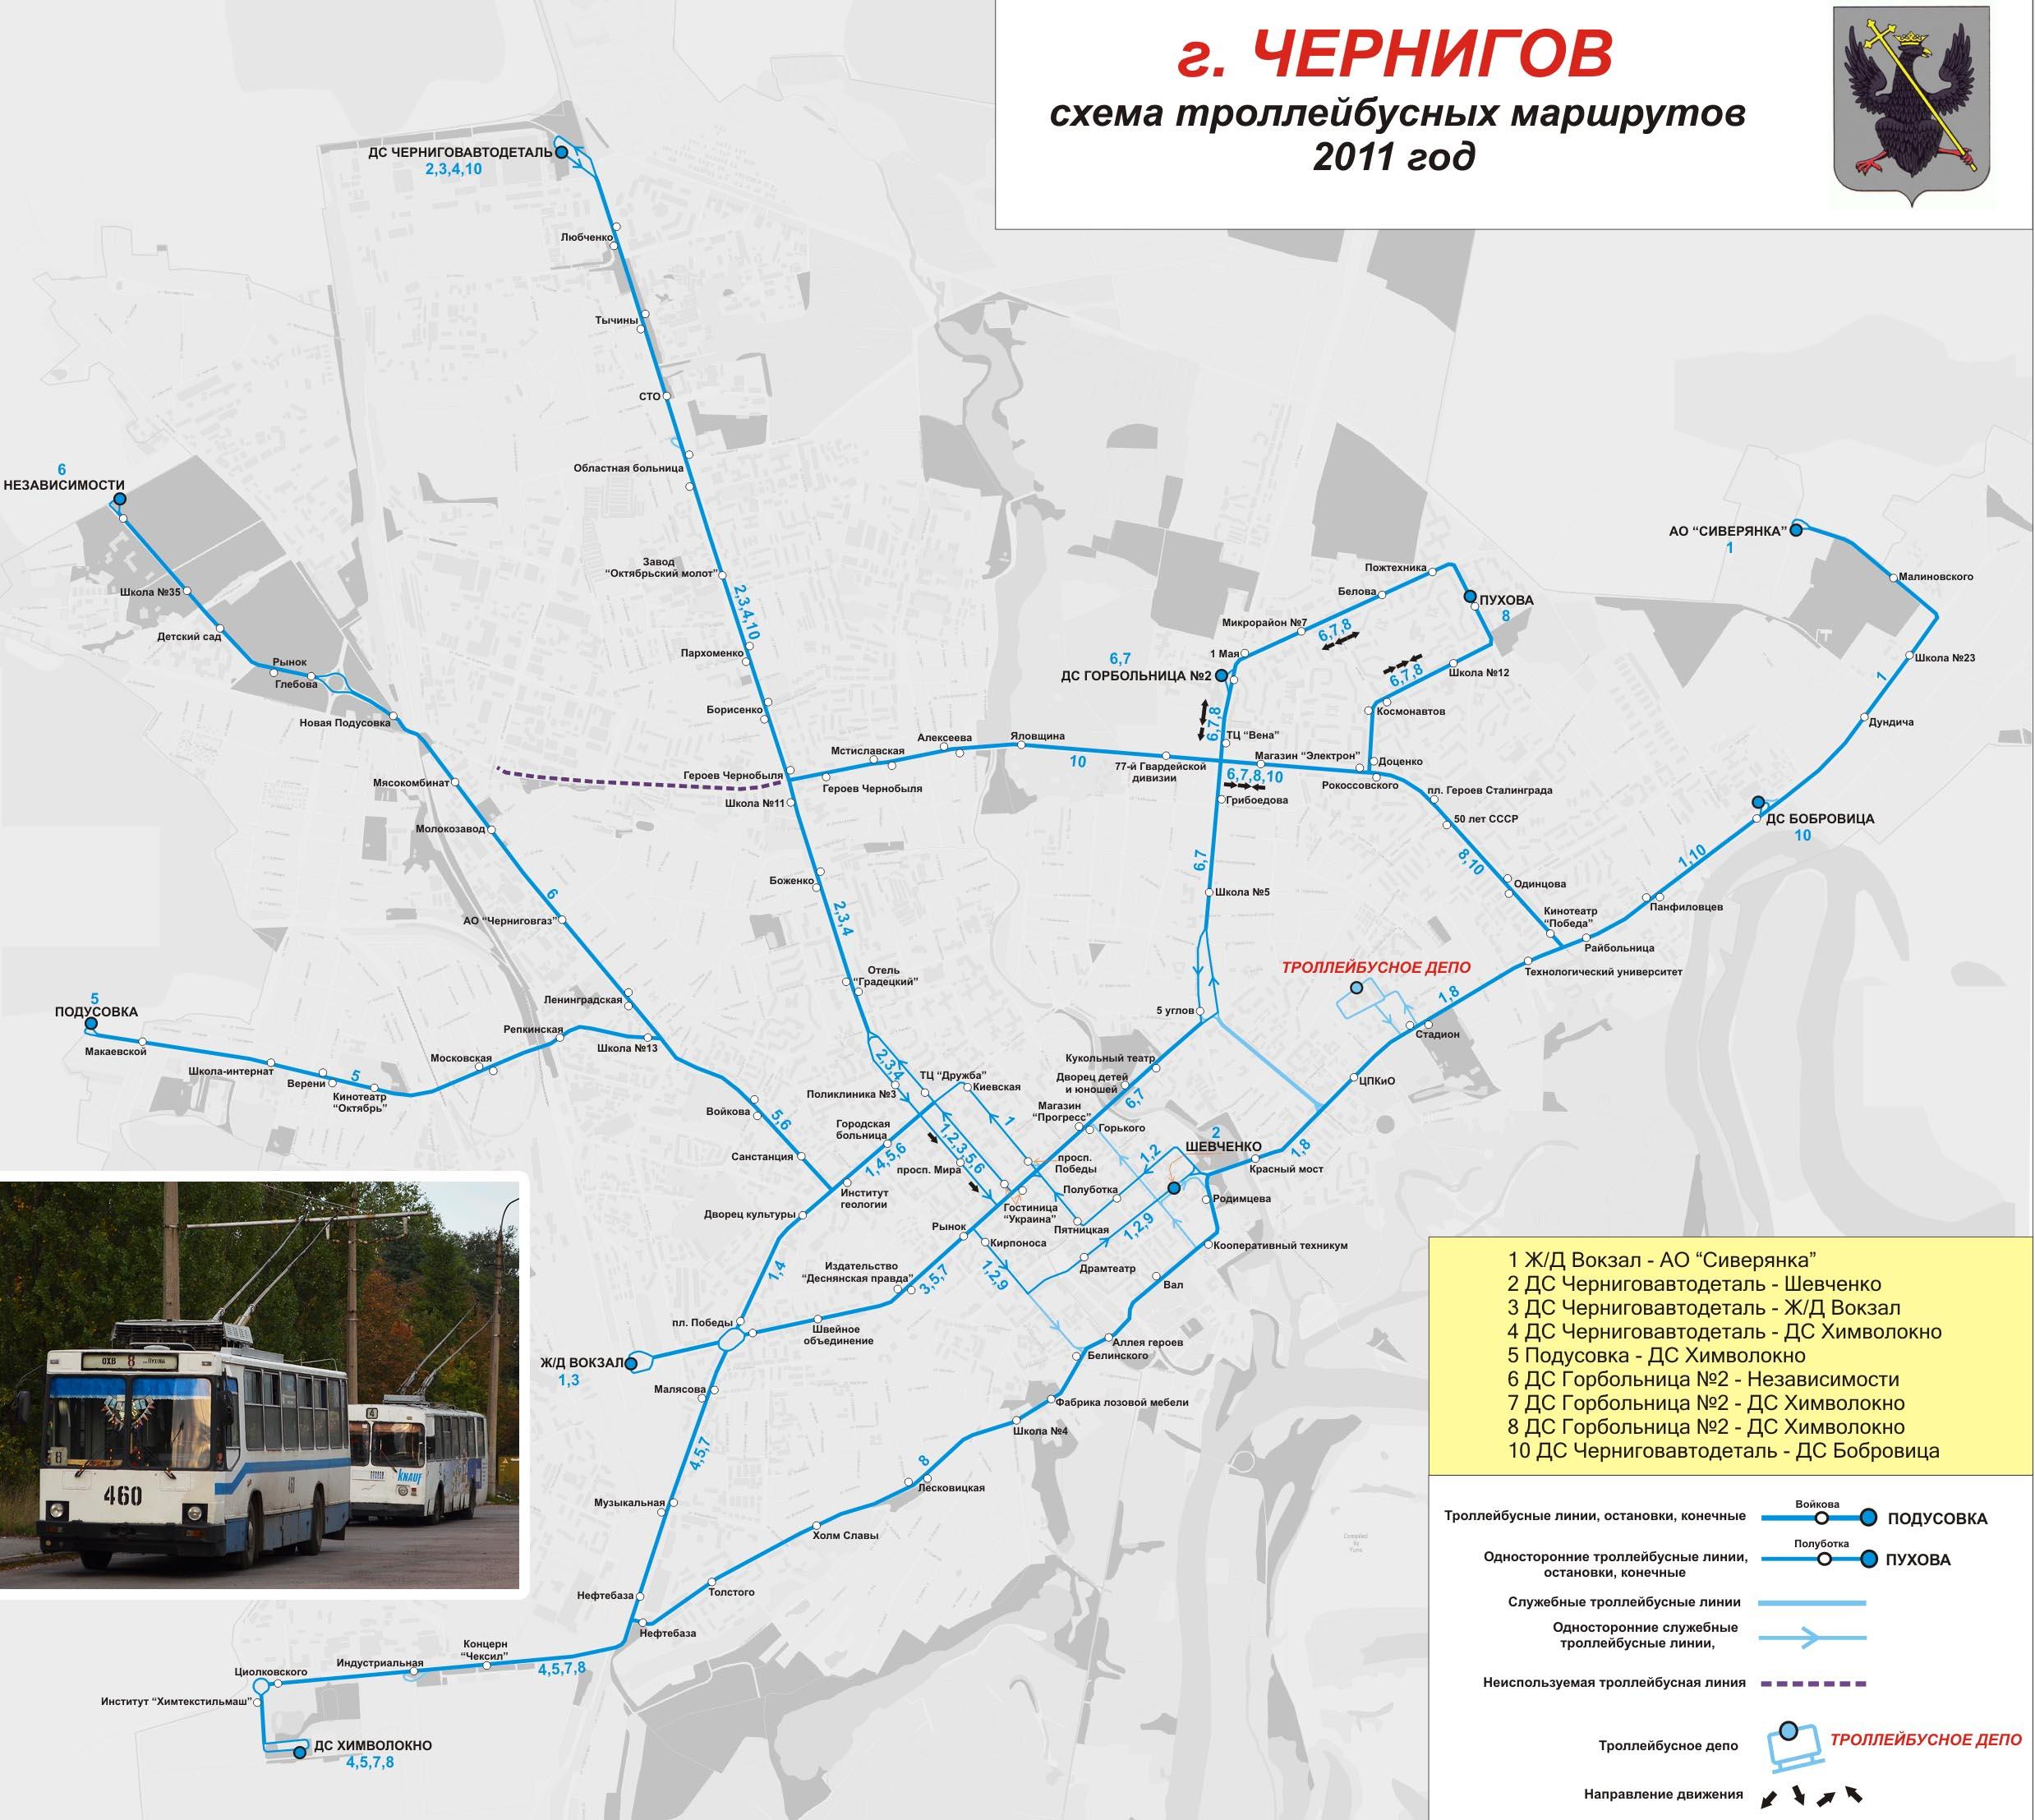 Карта-схема движения троллейбусов по Чернигову